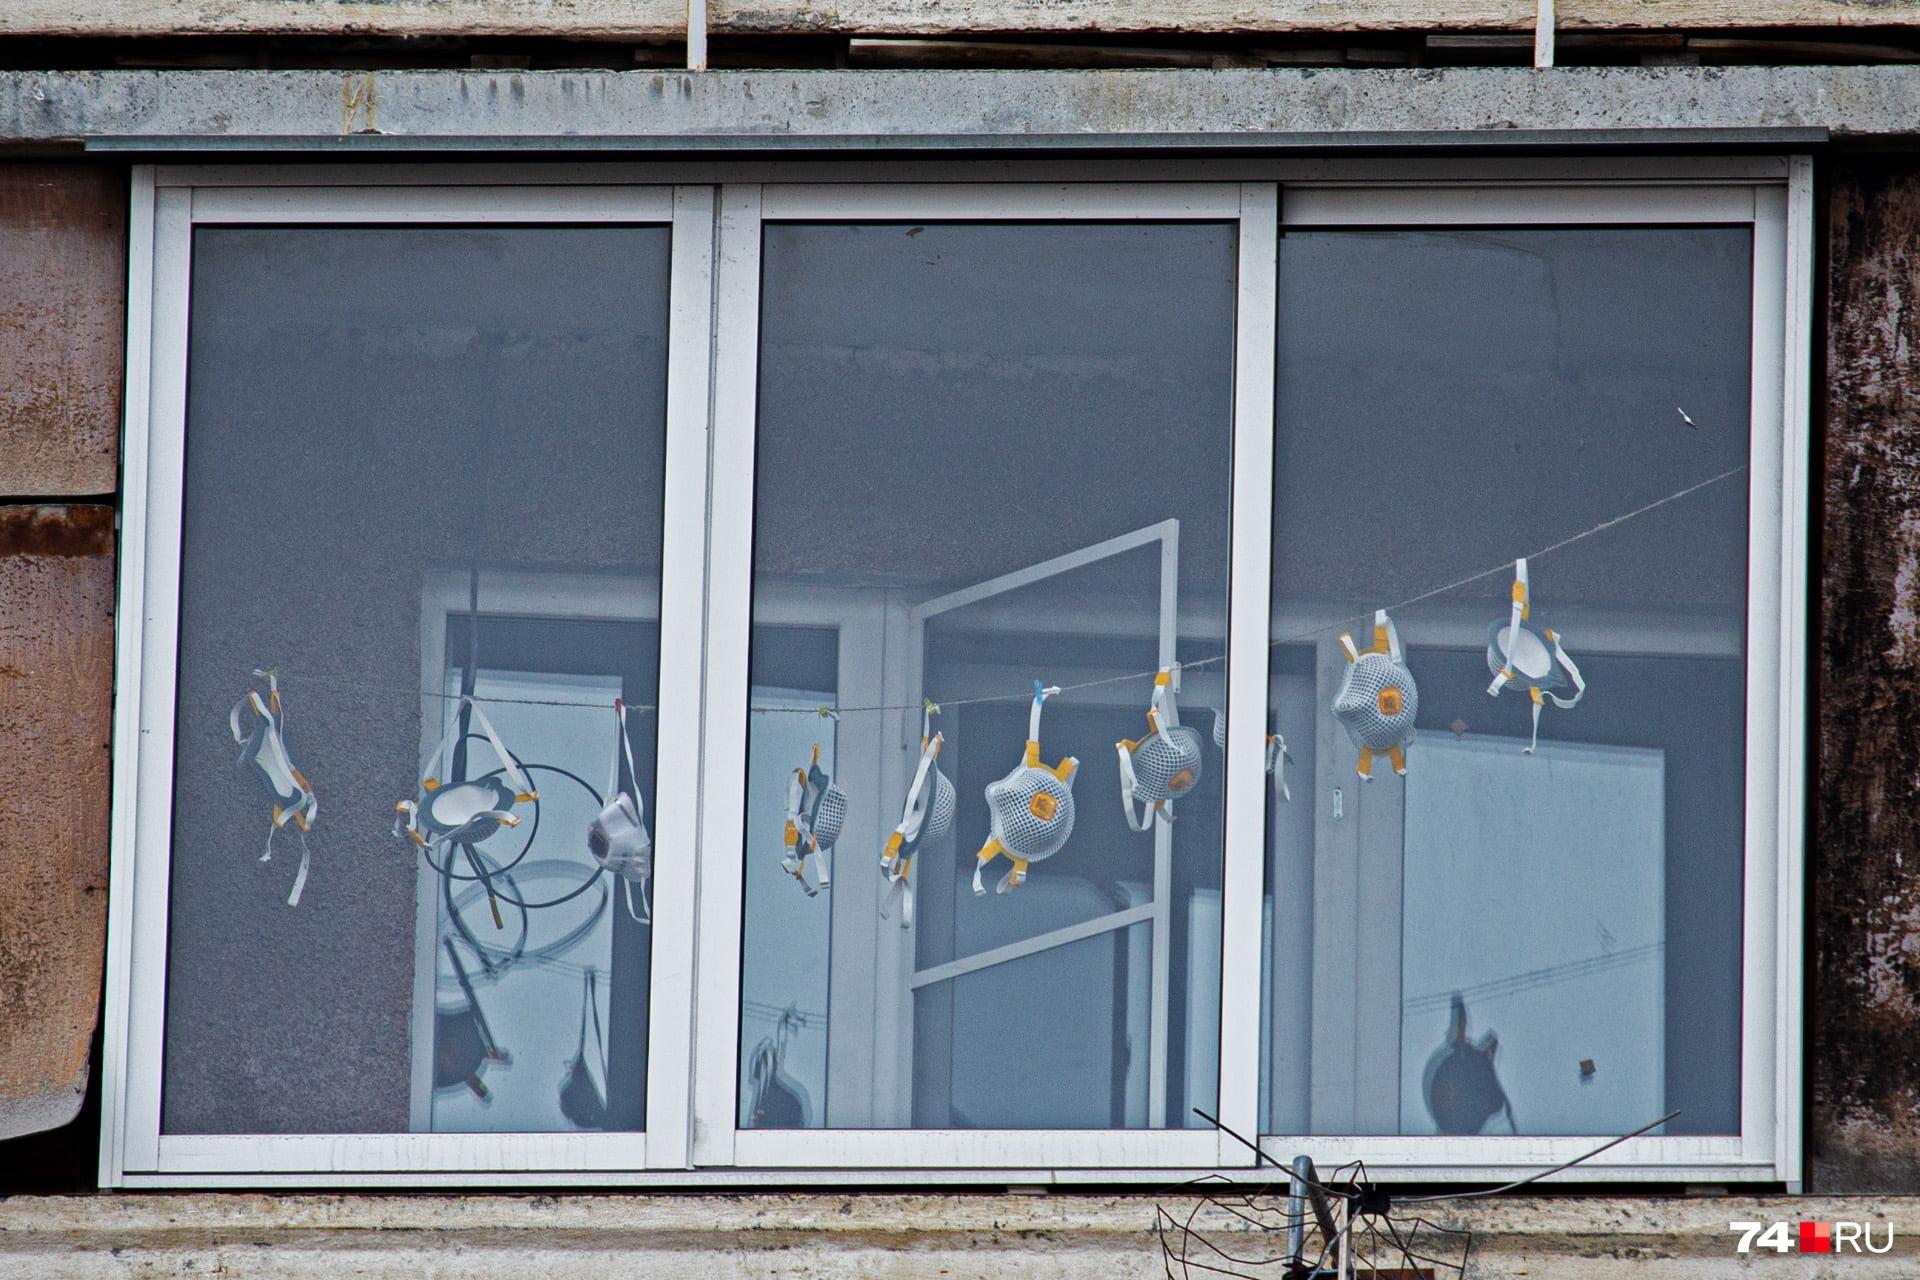 Еще одна примета времени: раньше на балконах оставляли белье, а в этом году гуляют и сушат маски